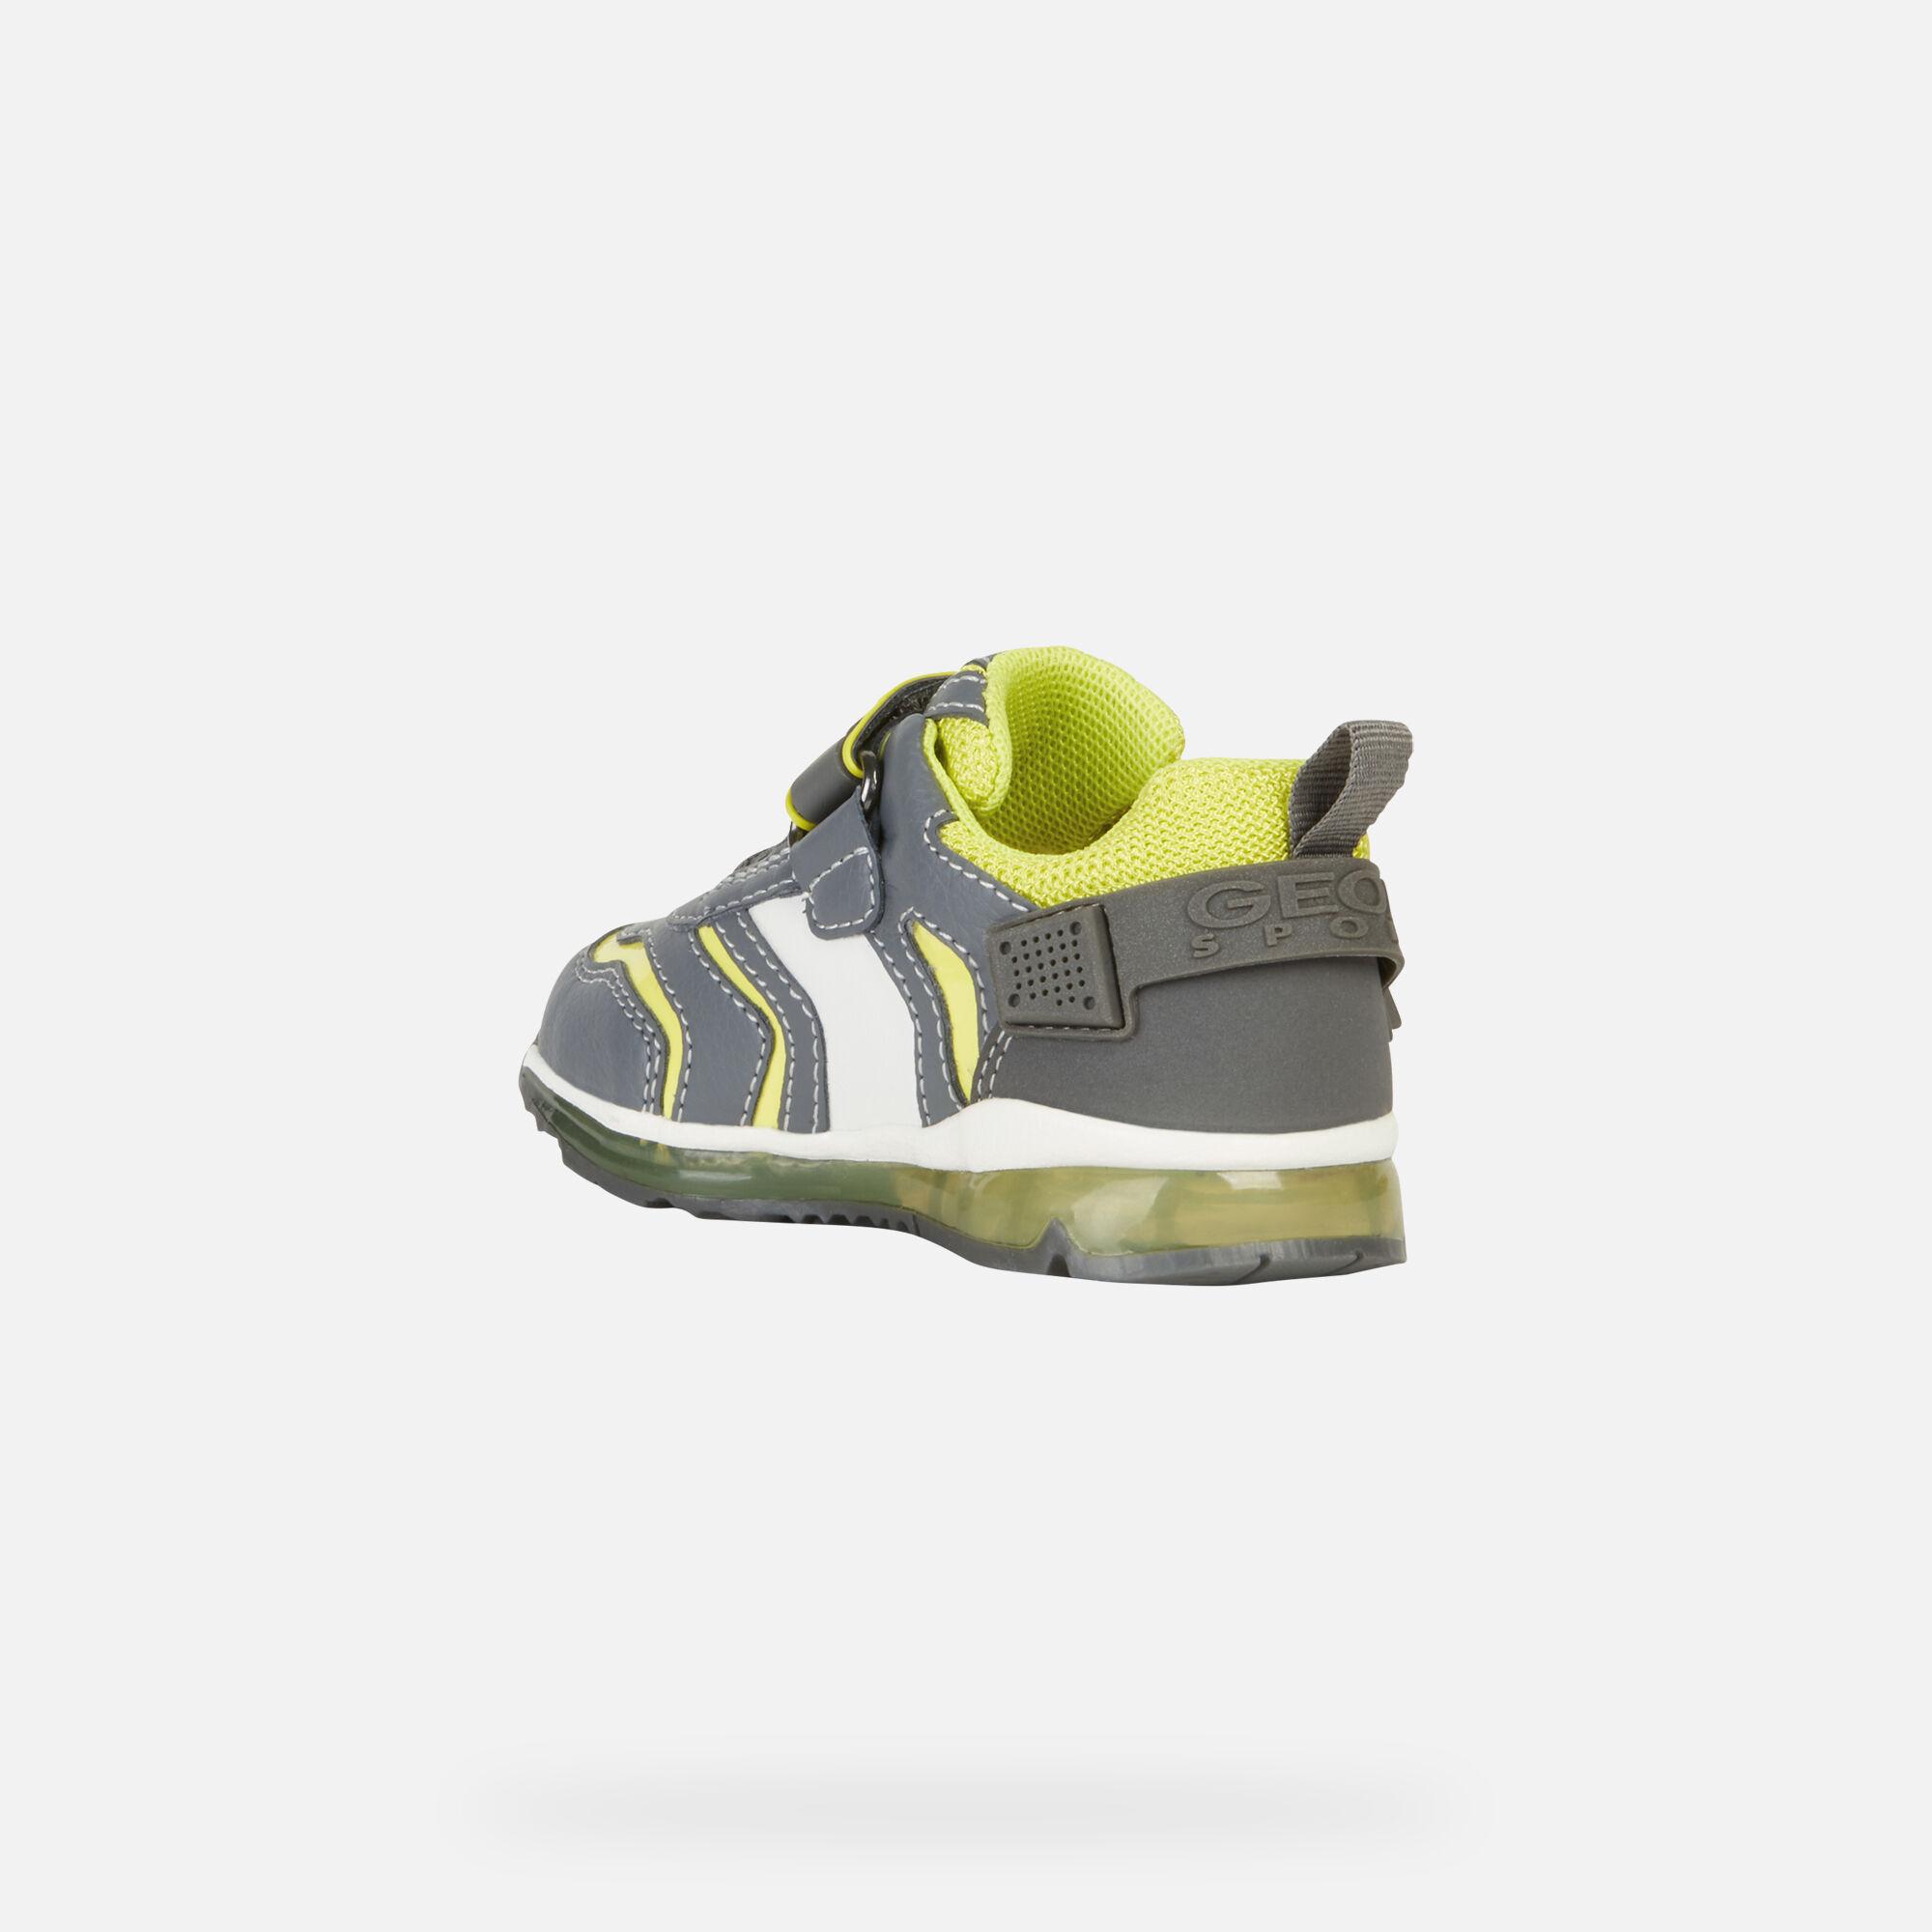 Jungen Von Led Geox Todo Baby Schuhe Junge UMVGjpLqSz